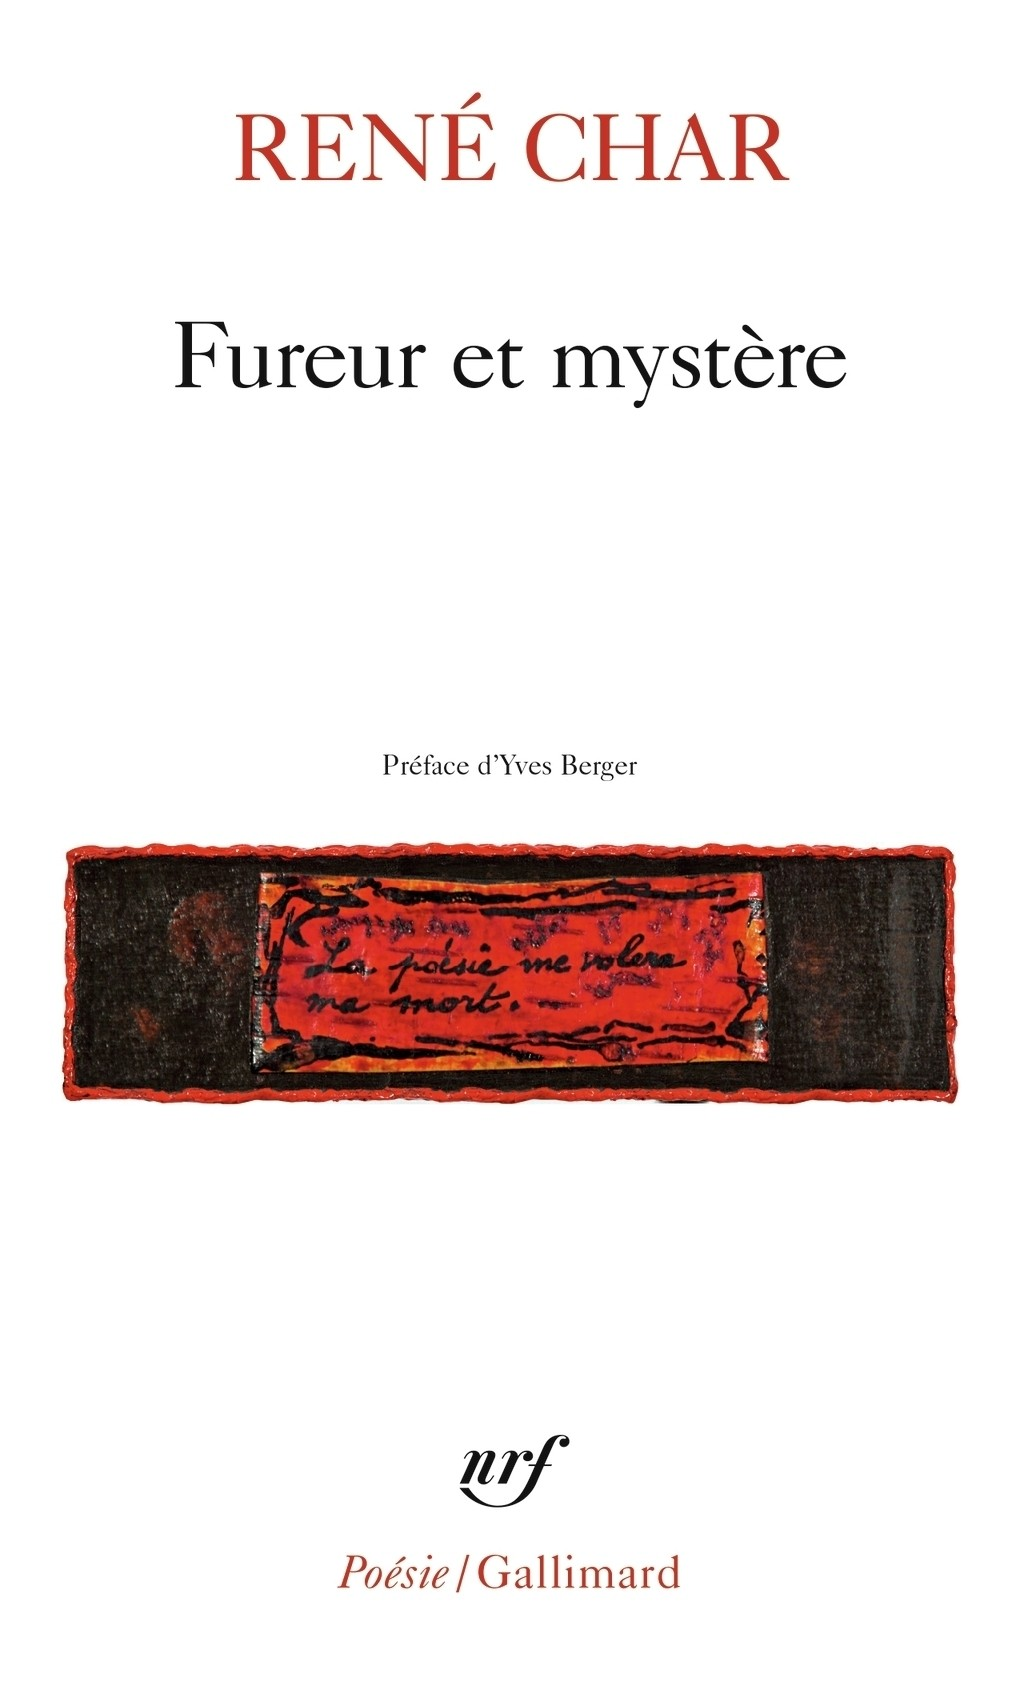 René Char, Fureur et mystère, éd. de 1967, couverture